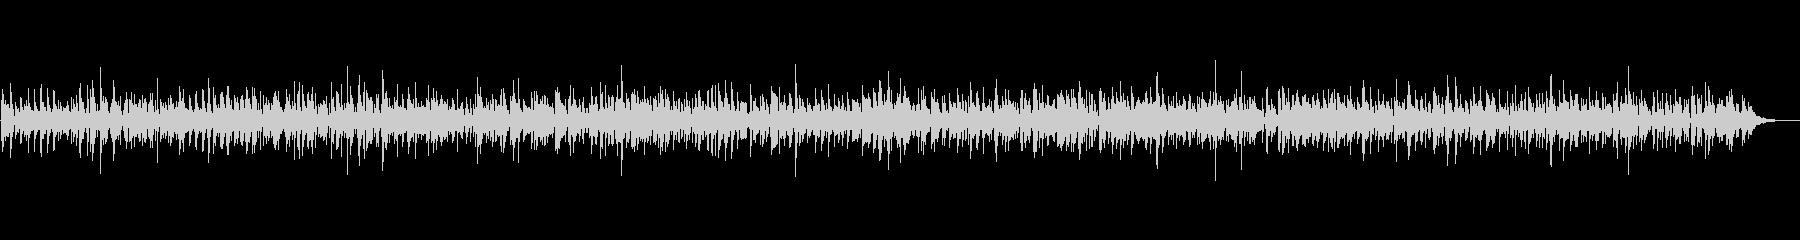 カフェBGMに合う明るいボサノバジャズの未再生の波形